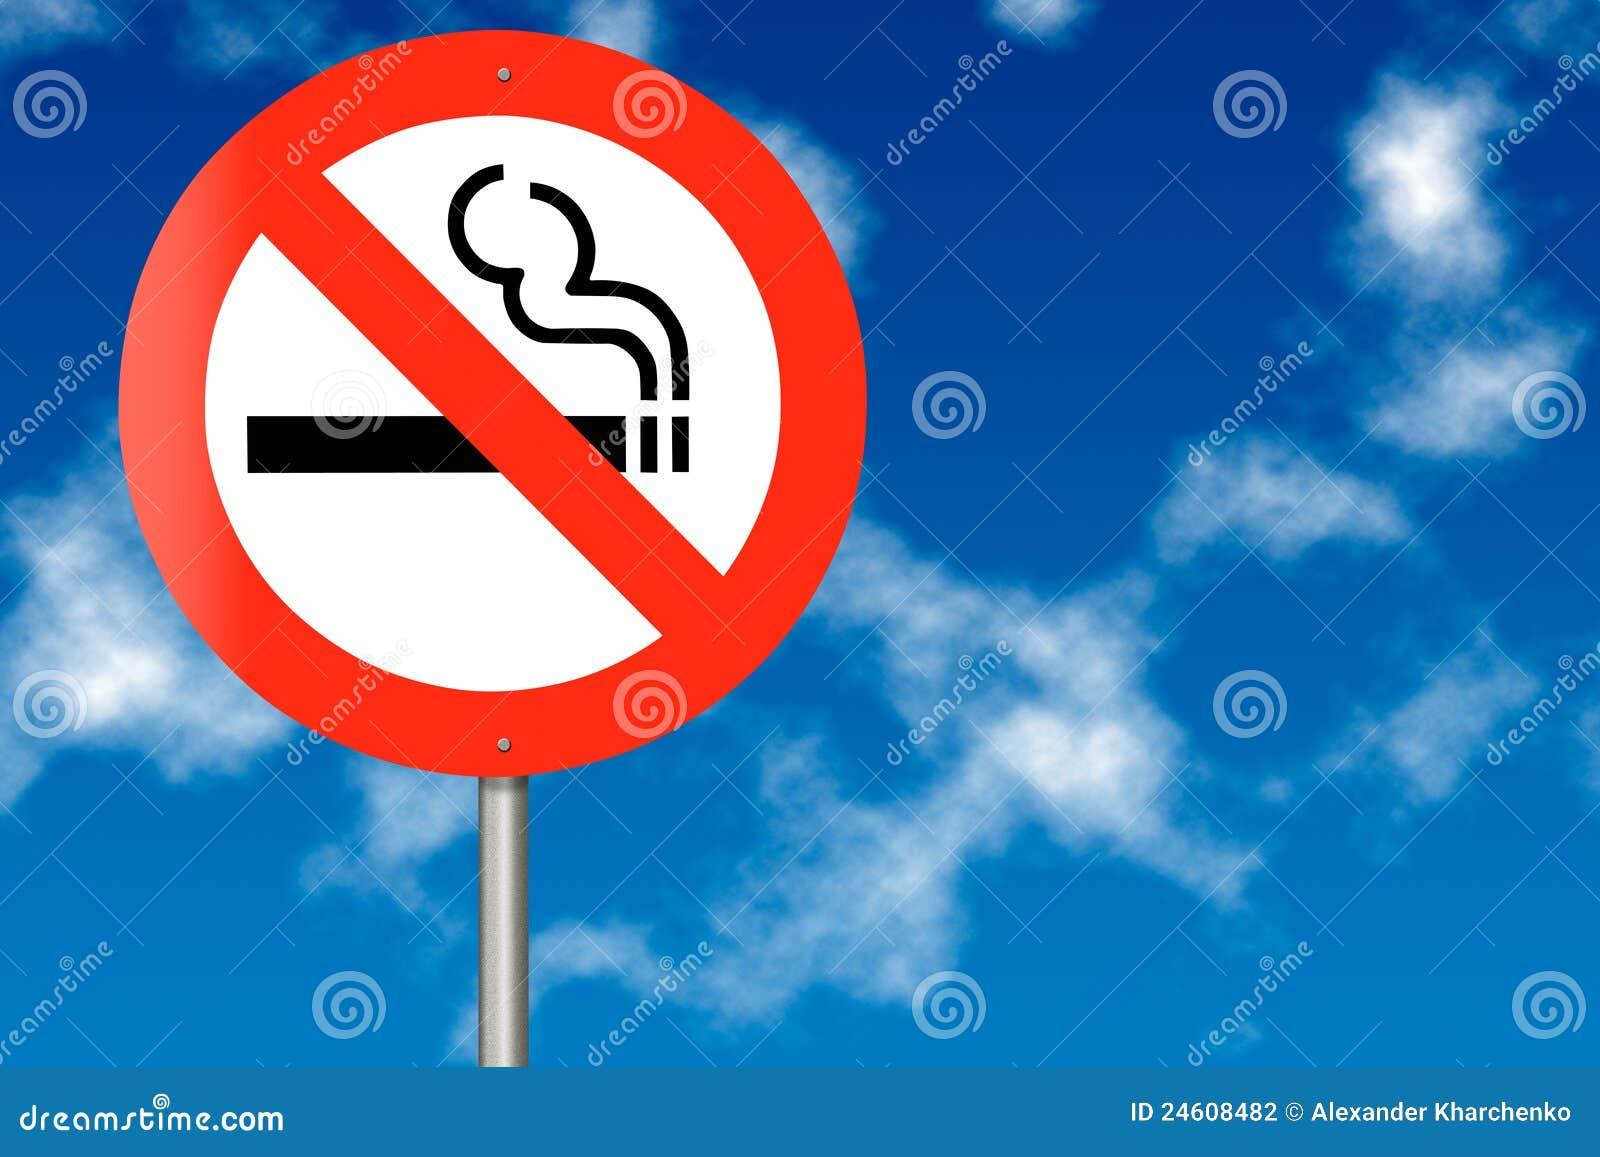 No Smoking traffic sign